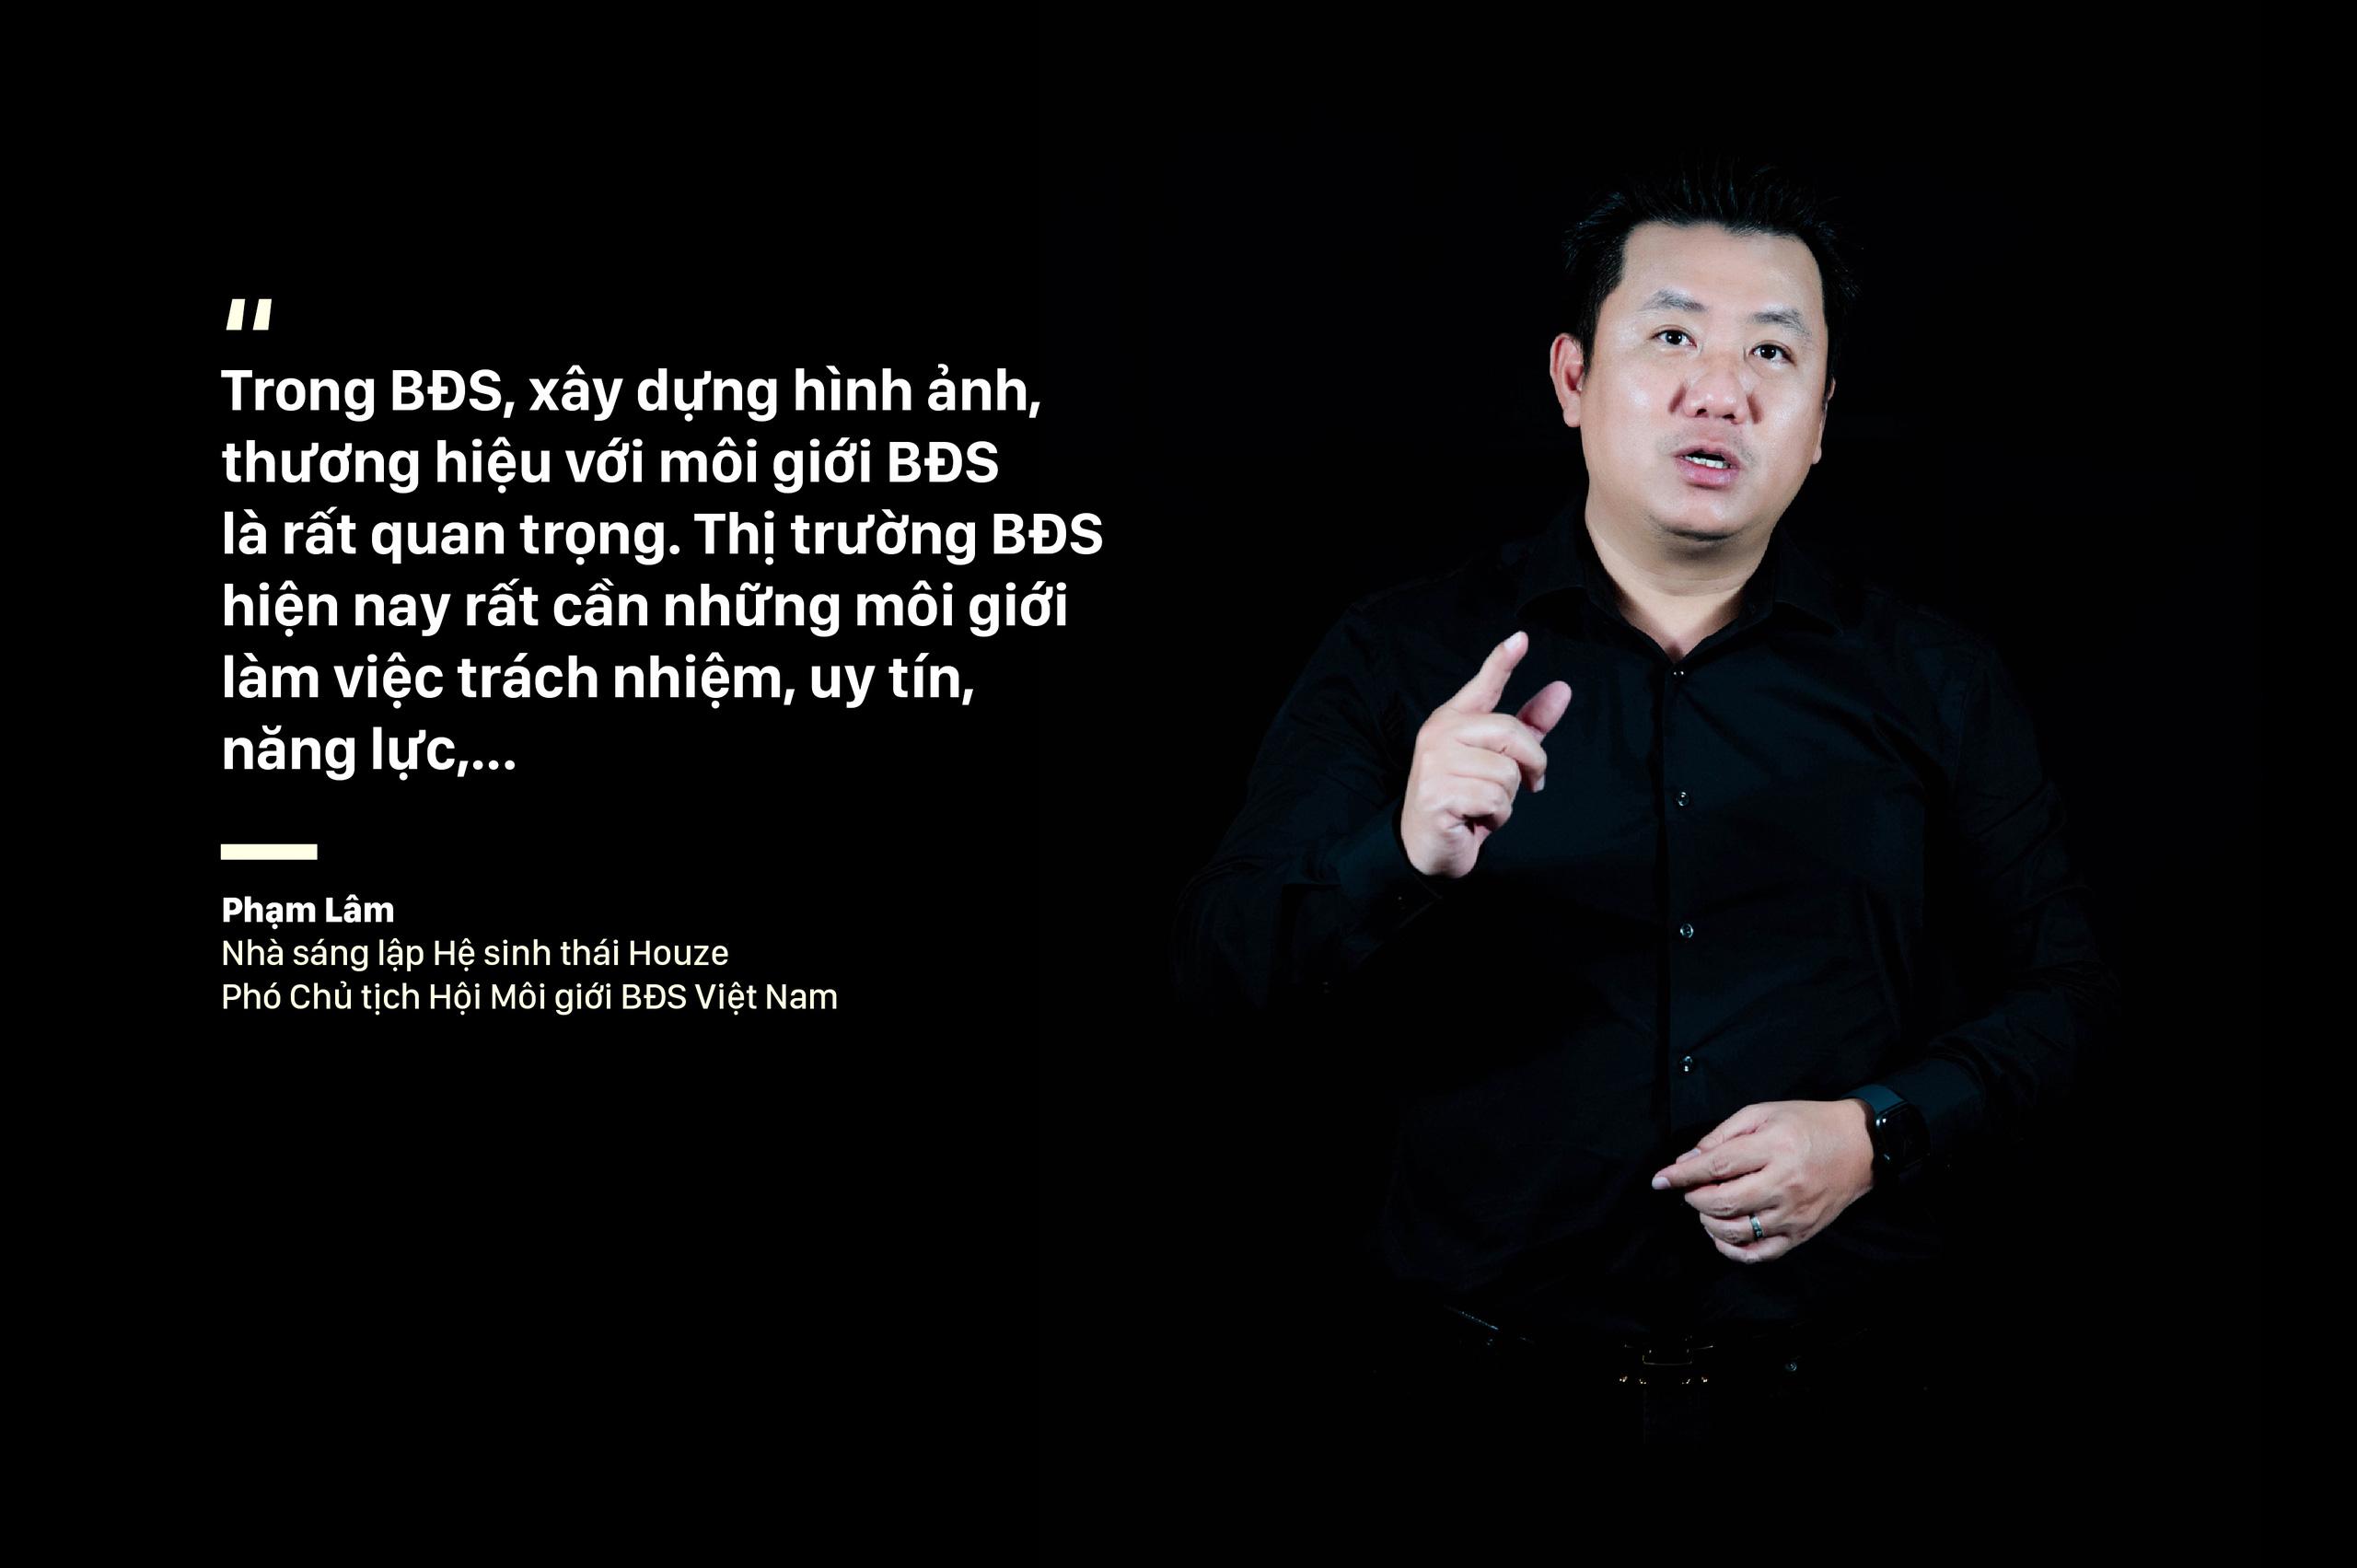 """CEO Houze Group: """"Làm ứng dụng để môi giới BĐS xây dựng thương hiệu cá nhân, tôi không sợ thất bại…"""" - Ảnh 1."""